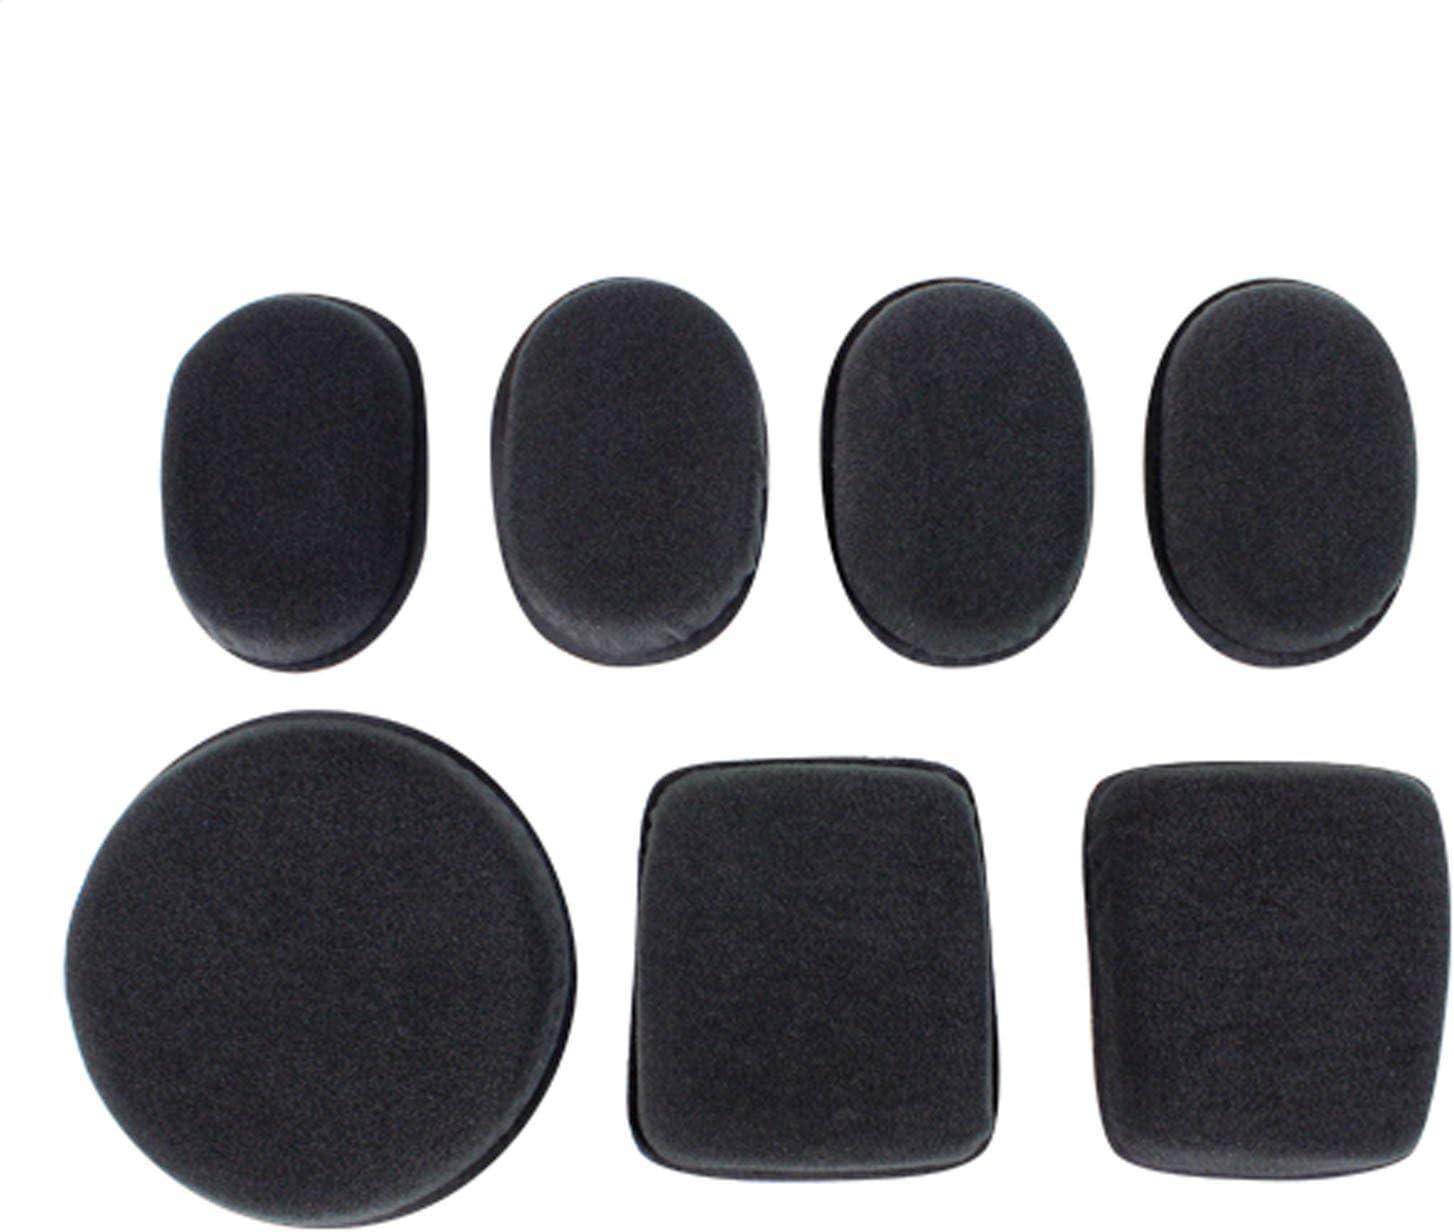 7 Pcs CONDOR 221055-002 Helmet Pads II Black